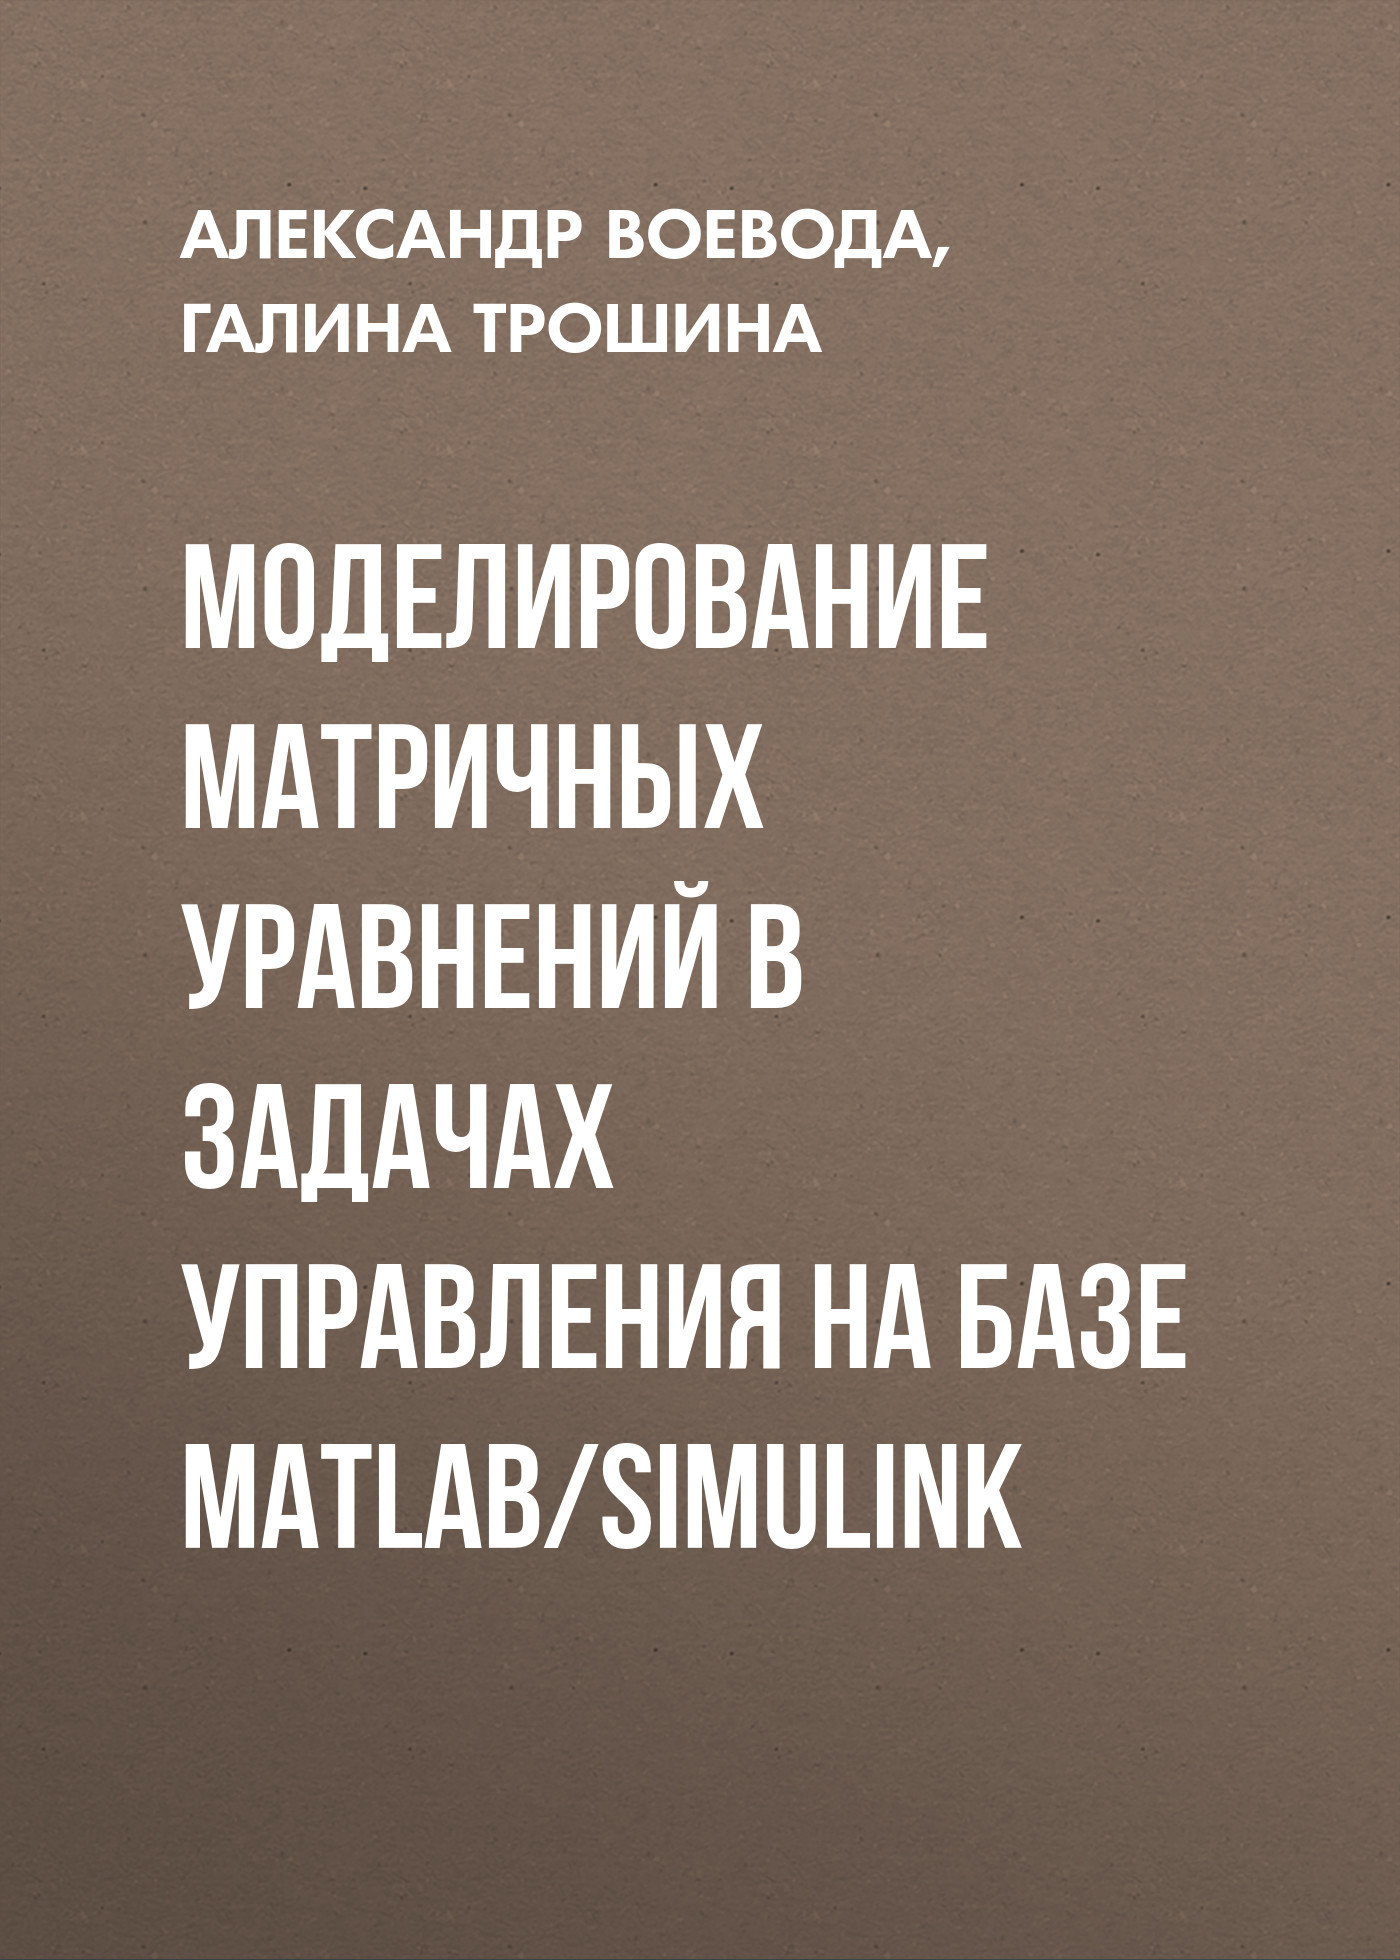 Александр Воевода Моделирование матричных уравнений в задачах управления на базе MatLab/Simulink многомерный статистический анализ в экономических задачах компьютерное моделирование в spss учебное пособие cd